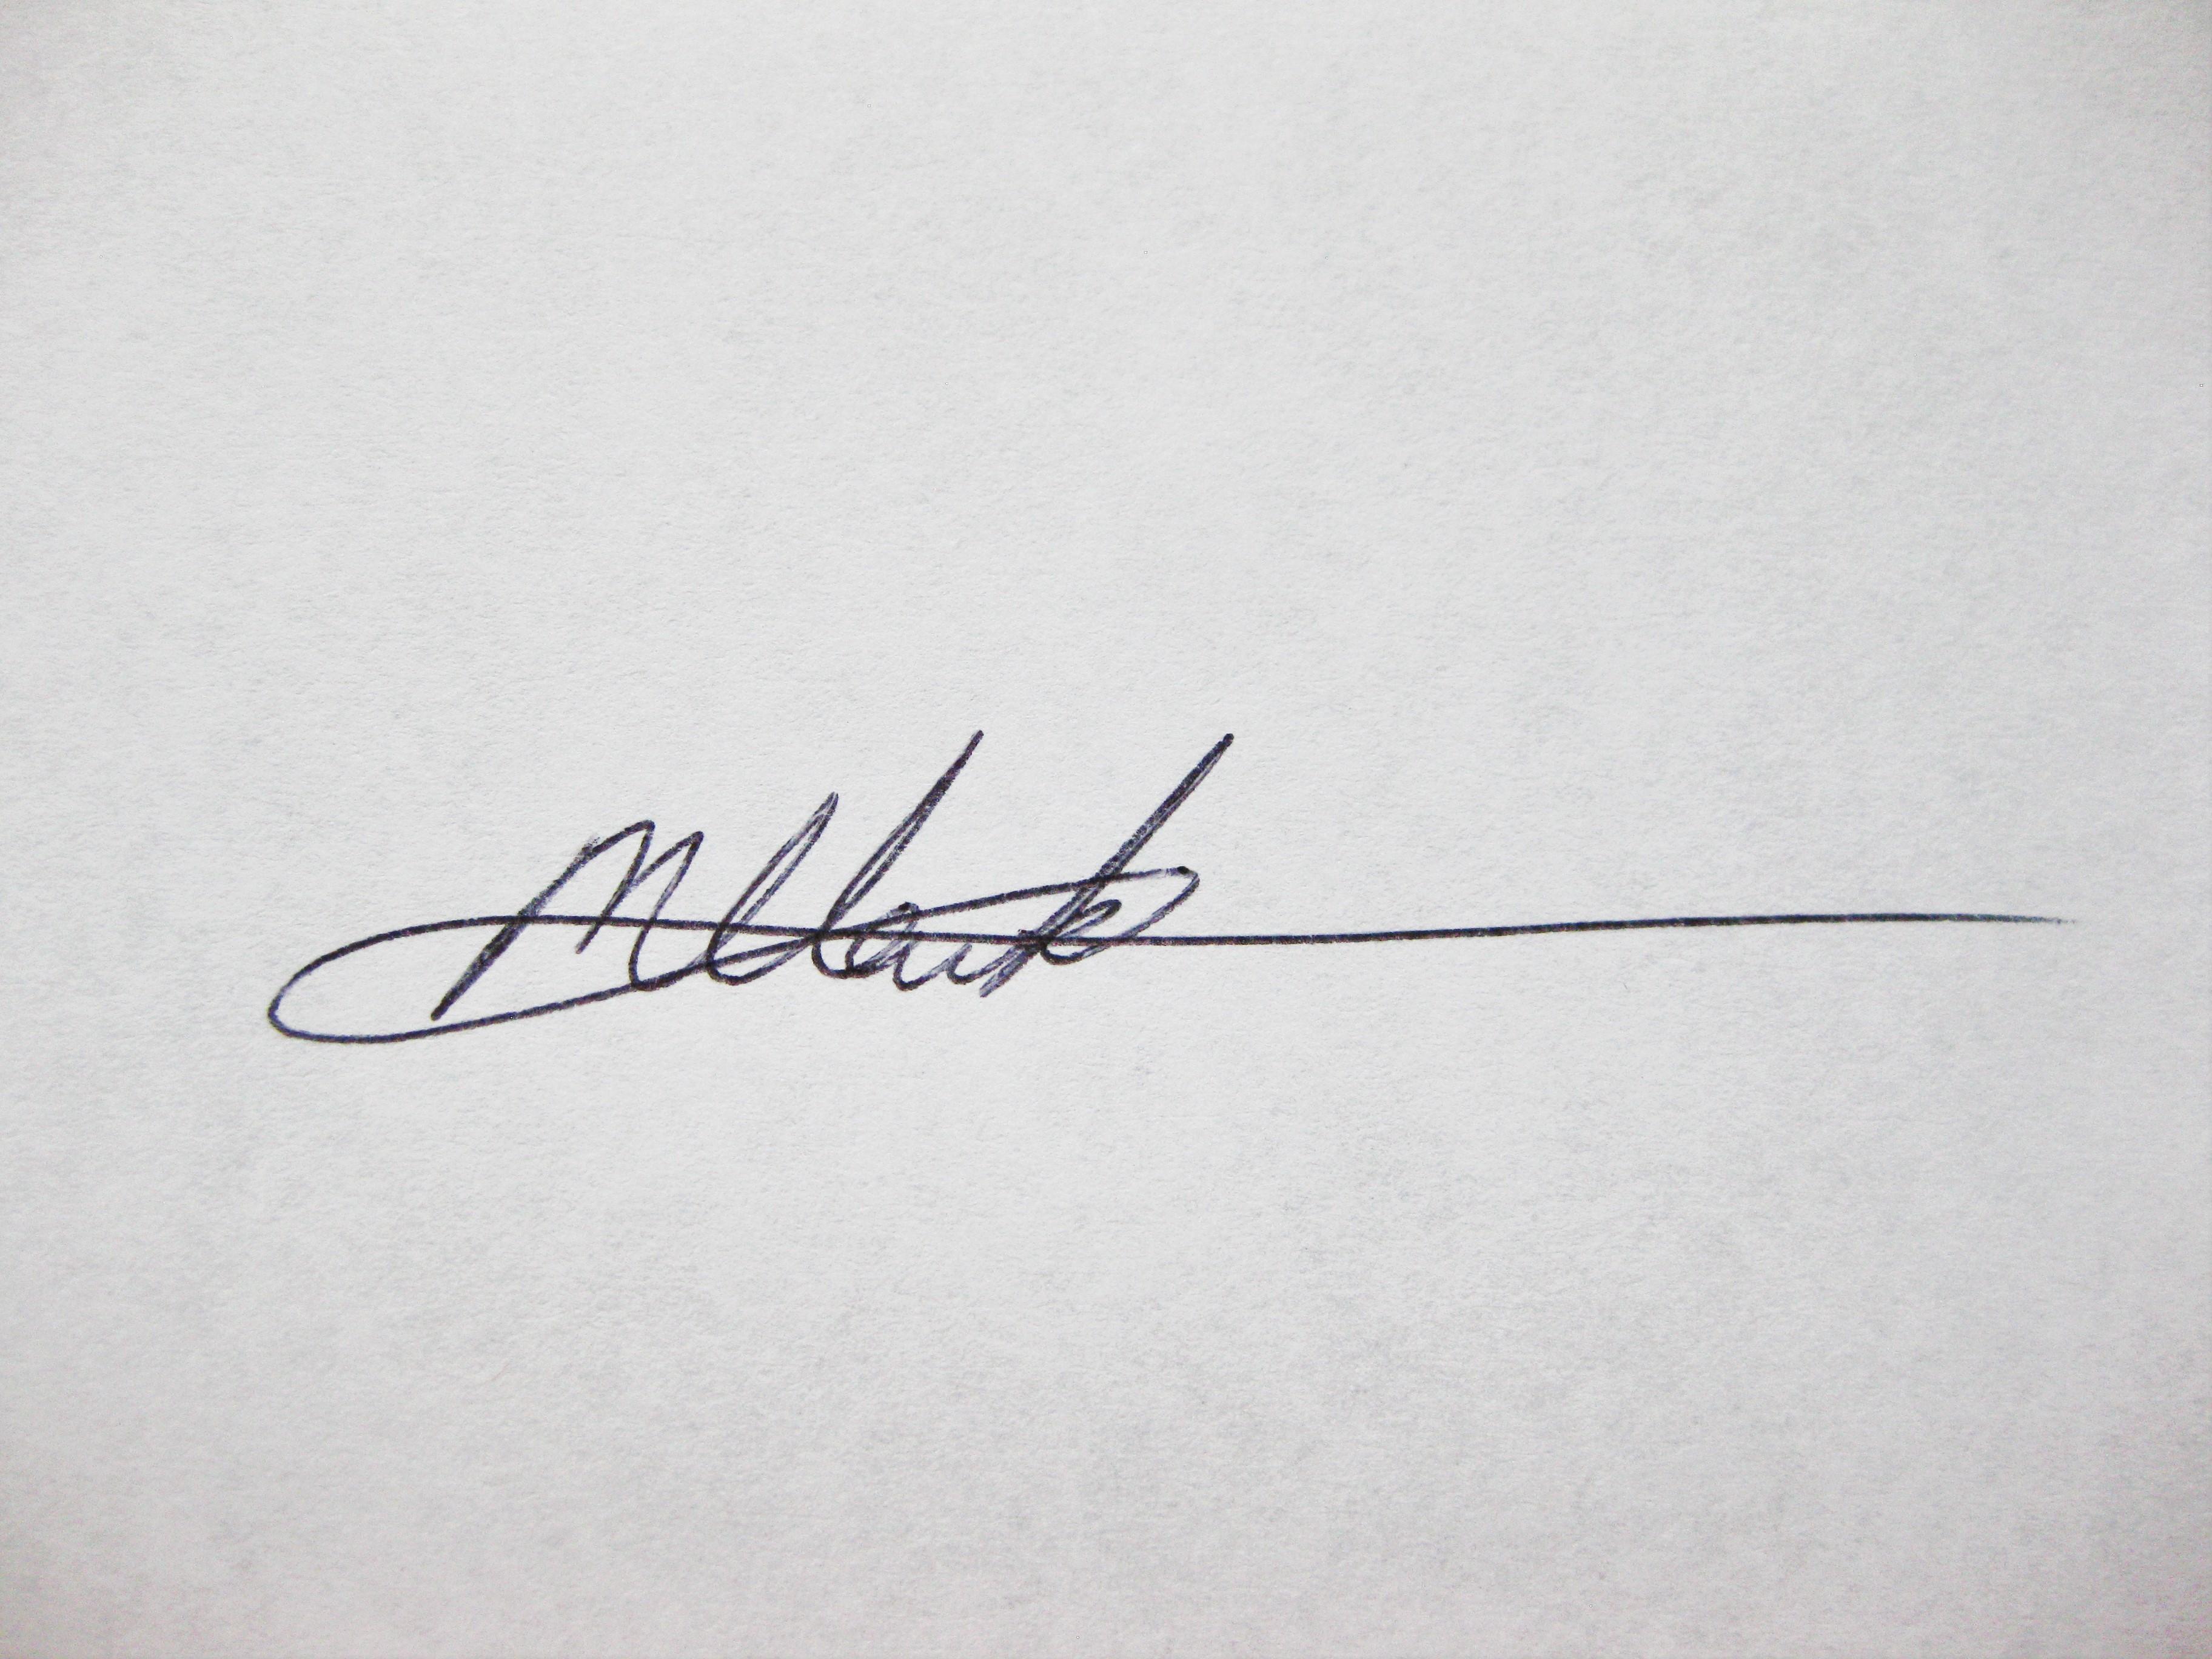 Melissa H. Clark Signature